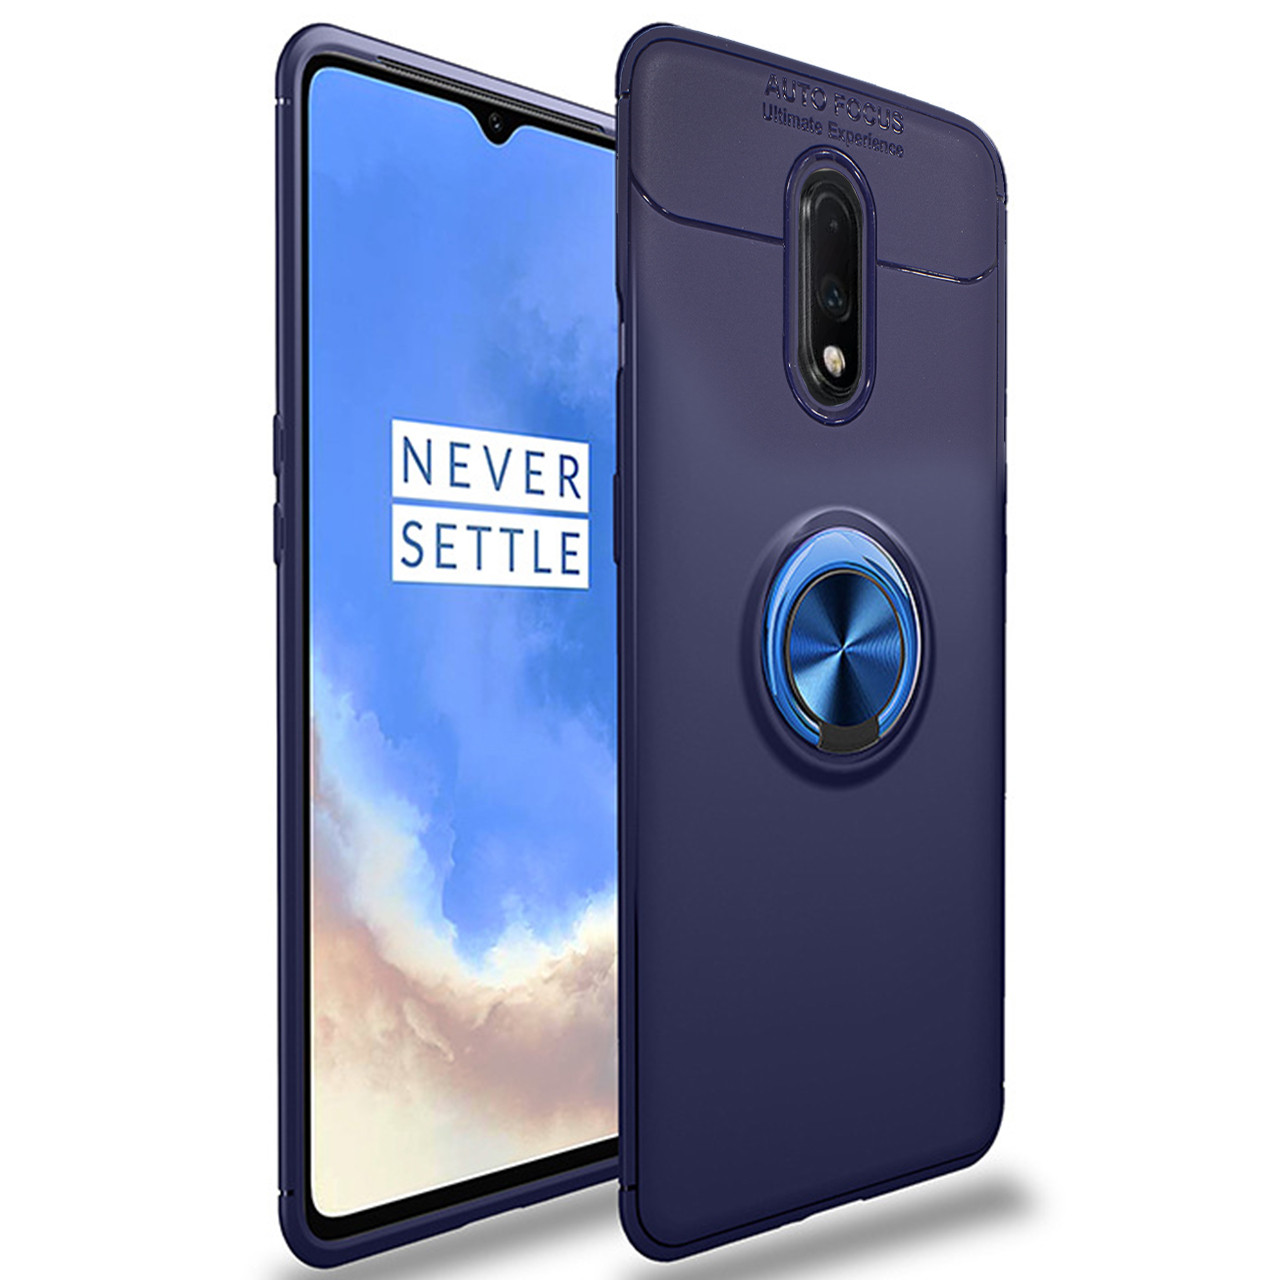 ✬Силіконовий чохол-накладка C-KU SM02 Blue для смартфона OnePlus 7 магнітний тримач захисний з підставкою